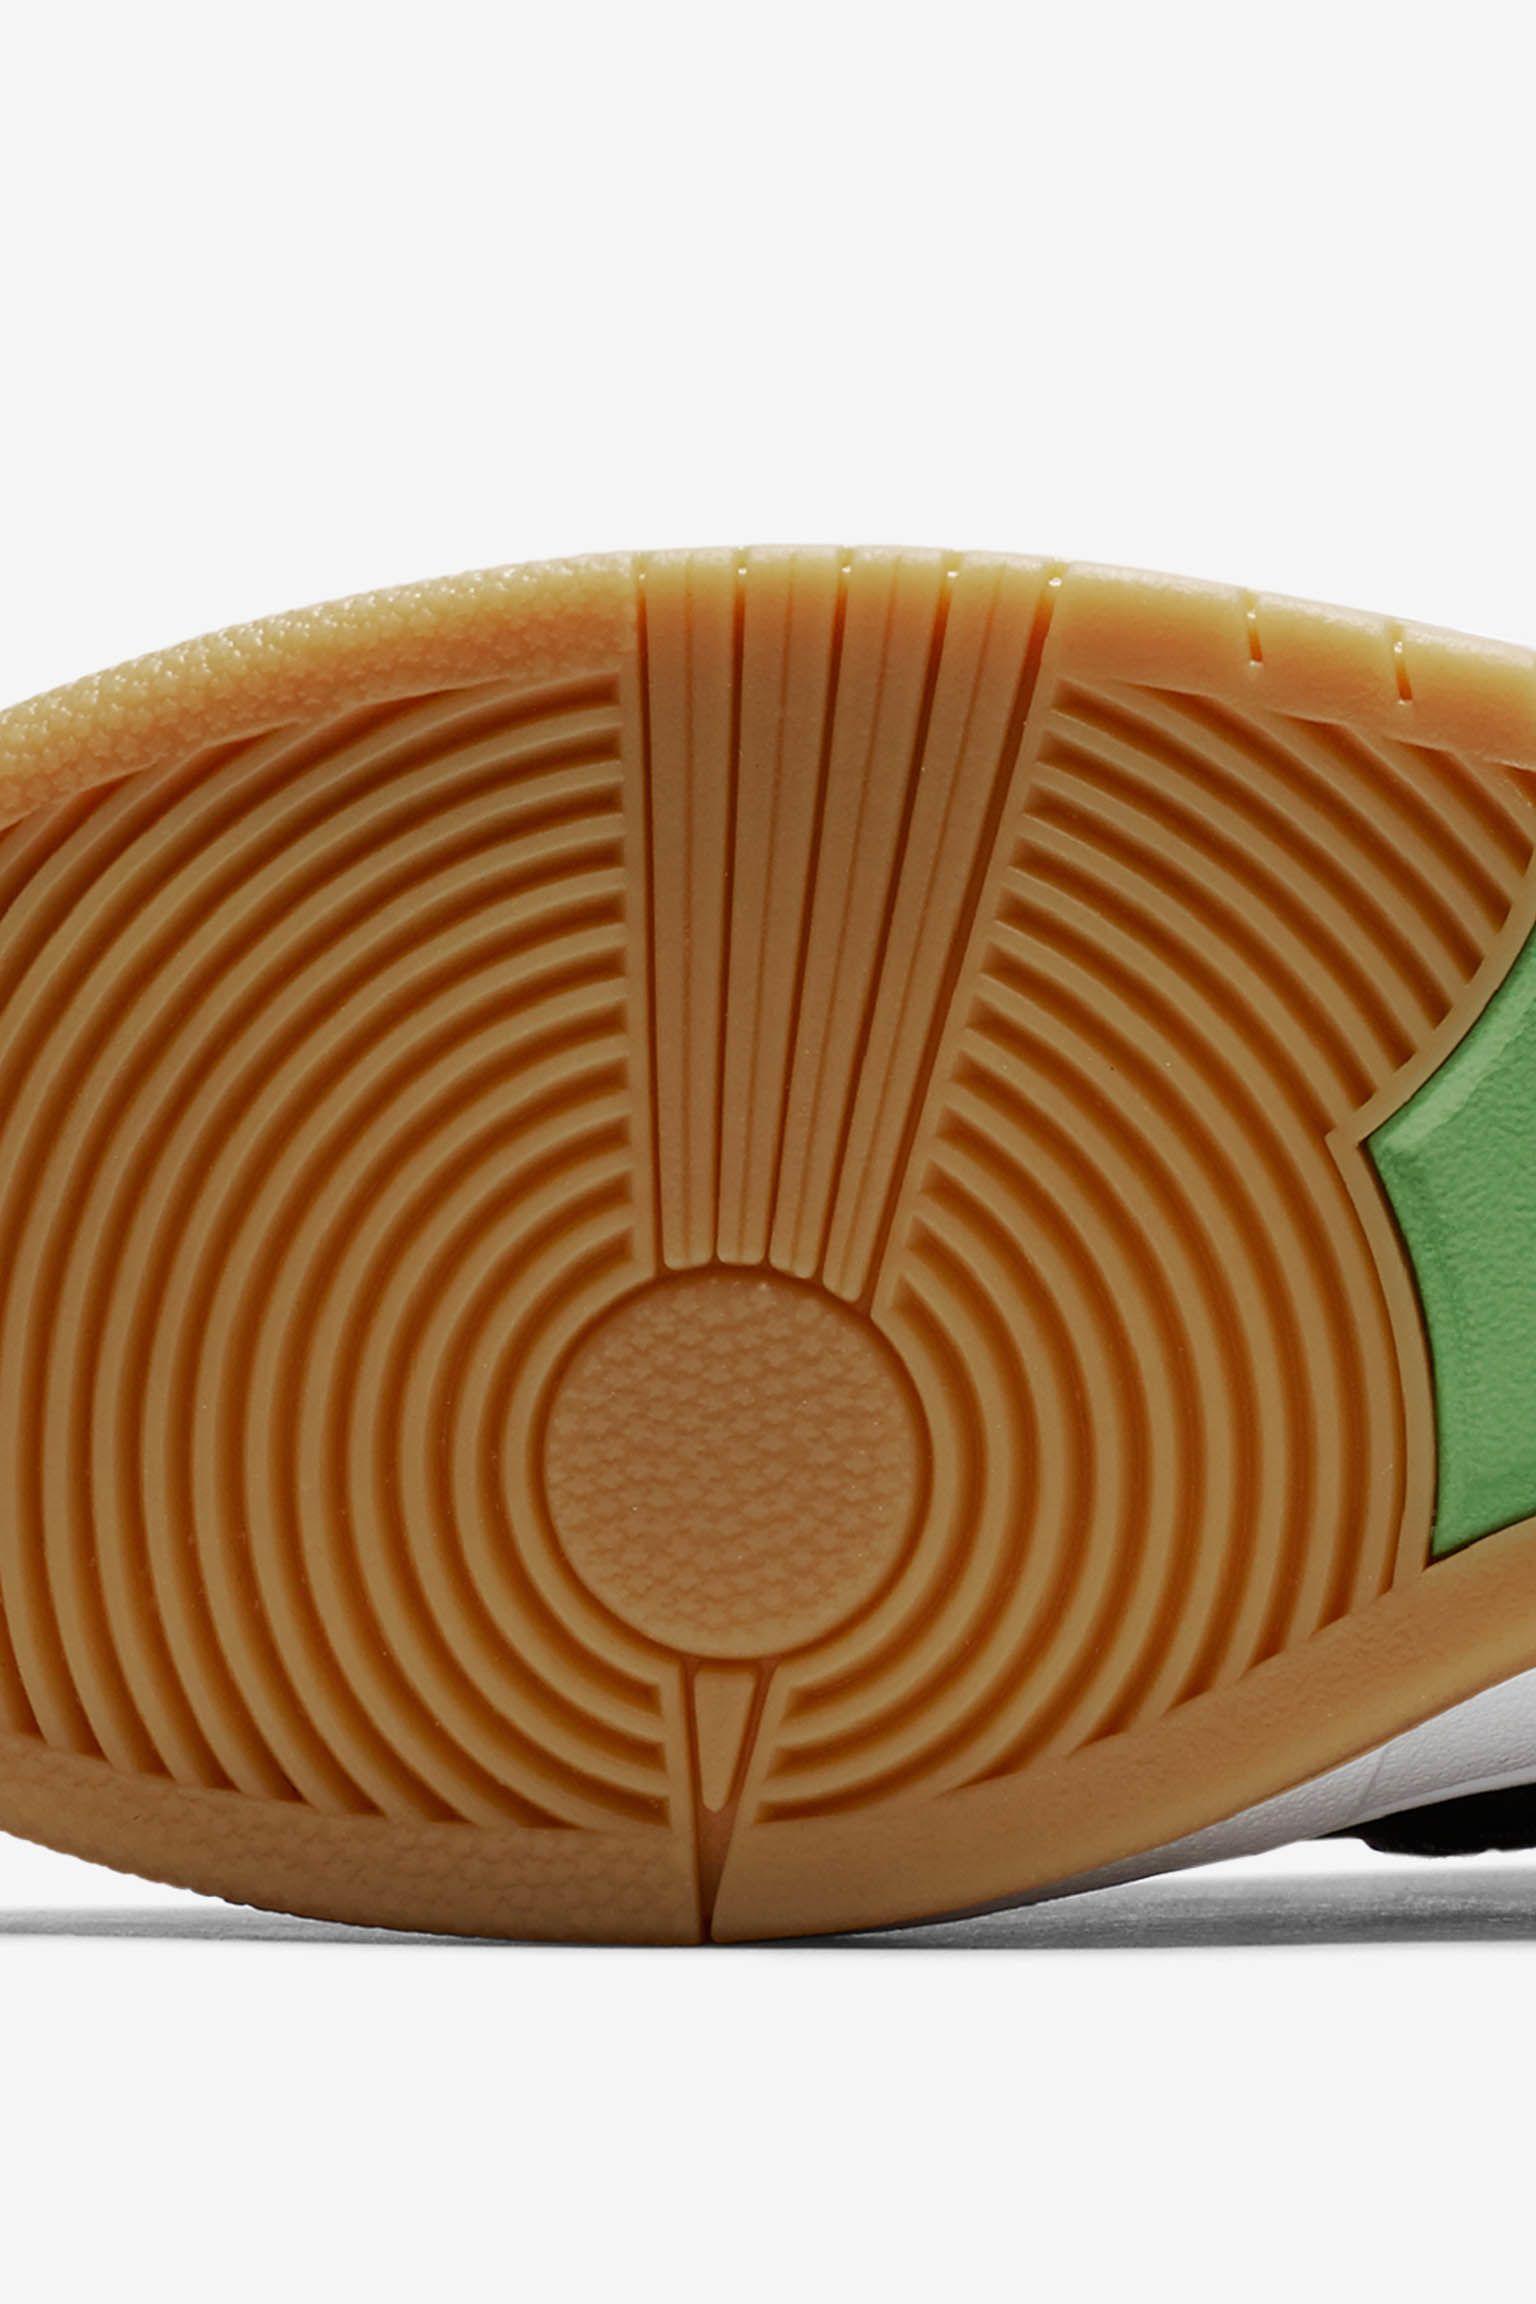 Nike SB Dunk High Pro 'Momofuku'